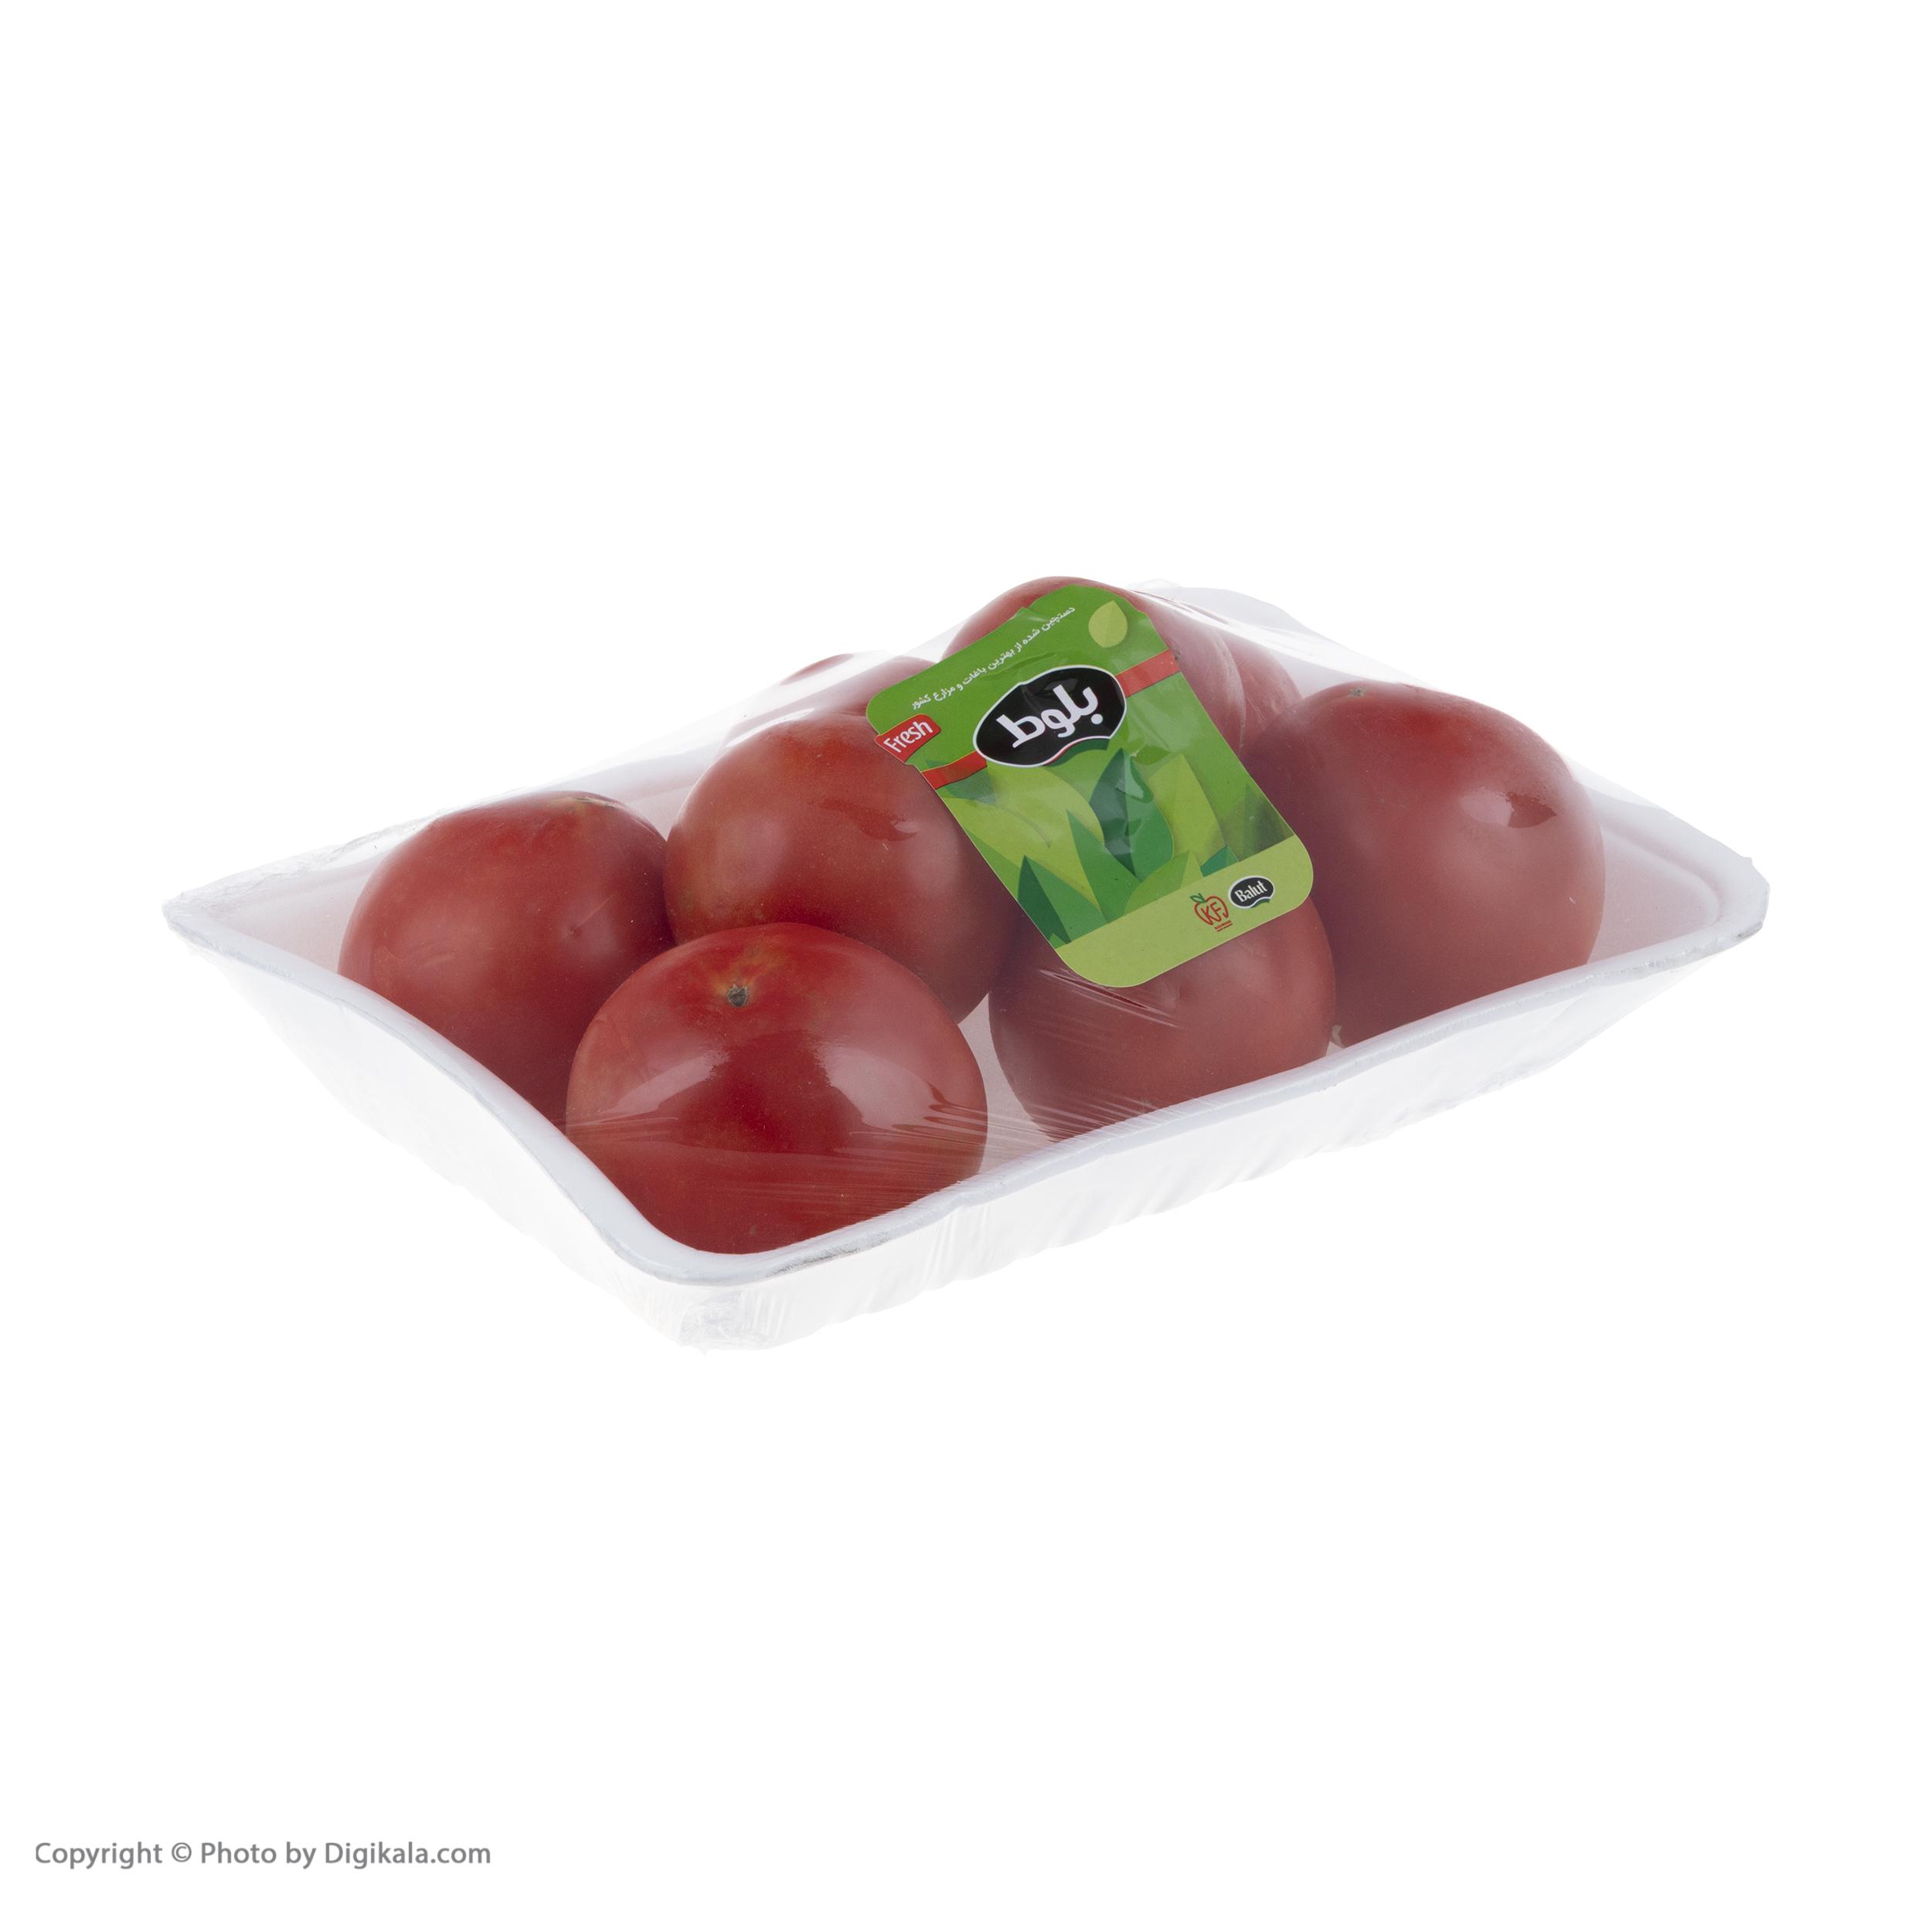 گوجه فرنگی بوته ای متین بلوط - 1 کیلوگرم  main 1 2